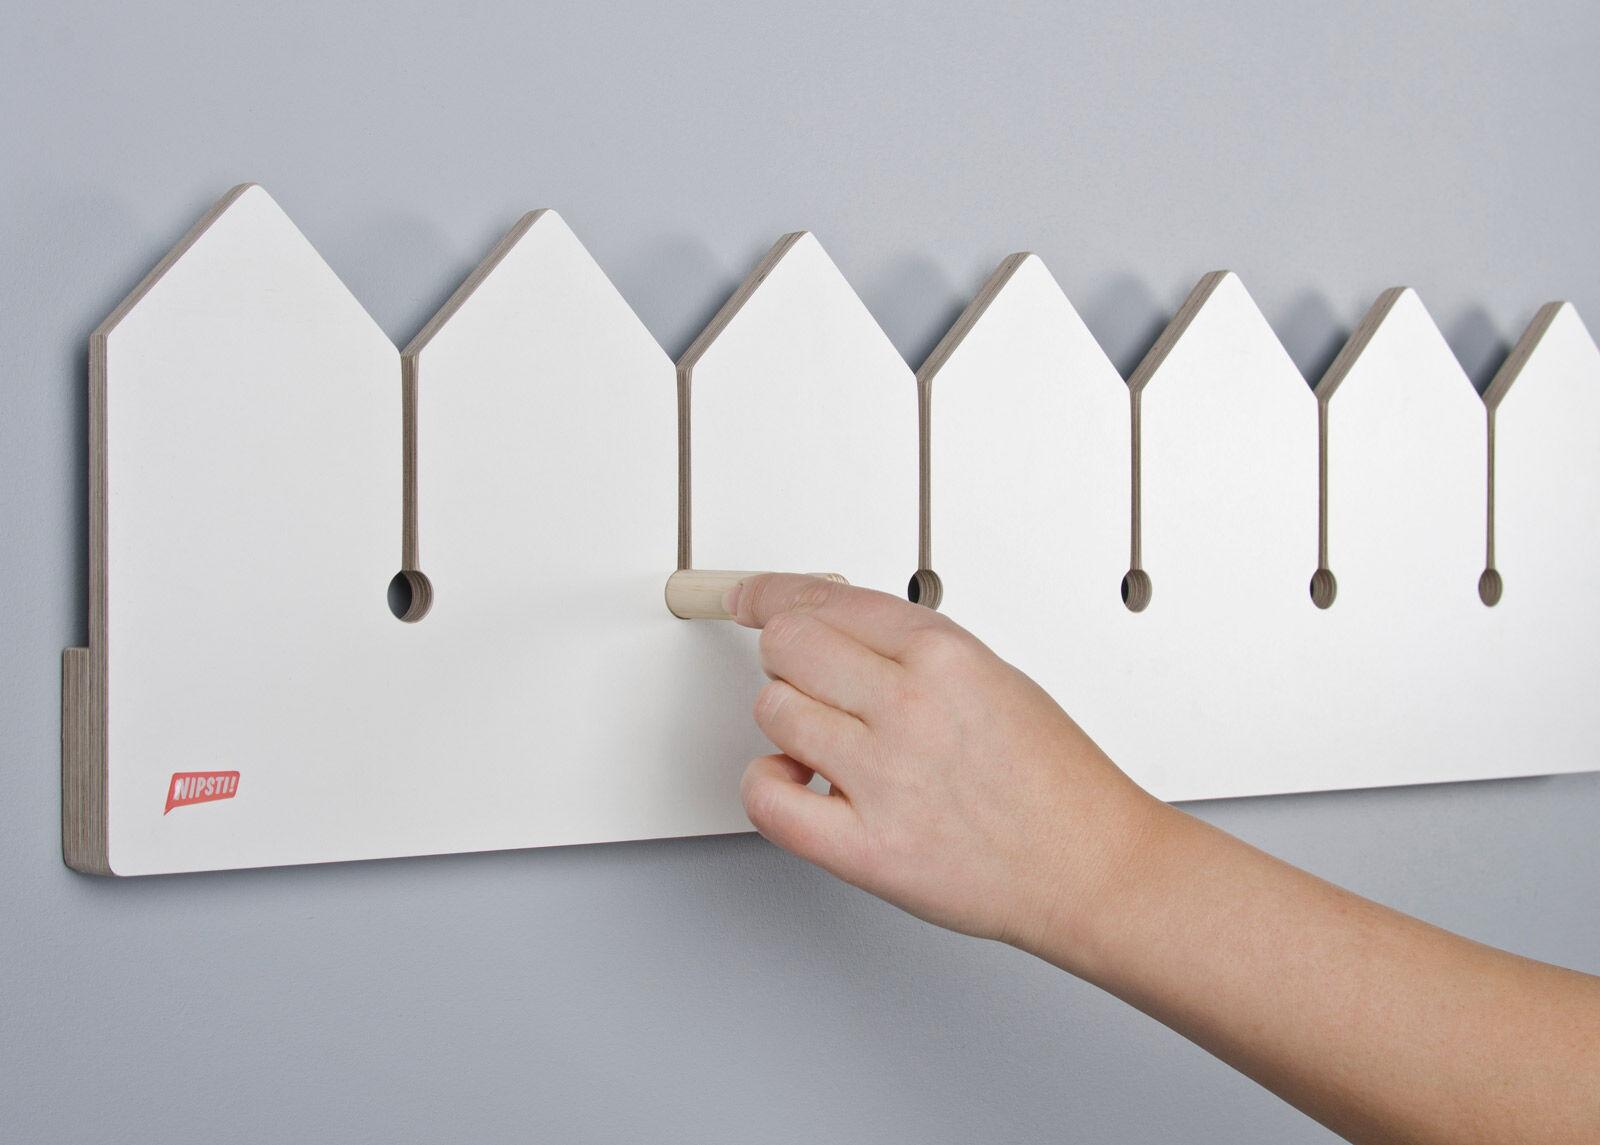 NIPSTI! Seinähylly / seinänaulakko Puutarha (L)